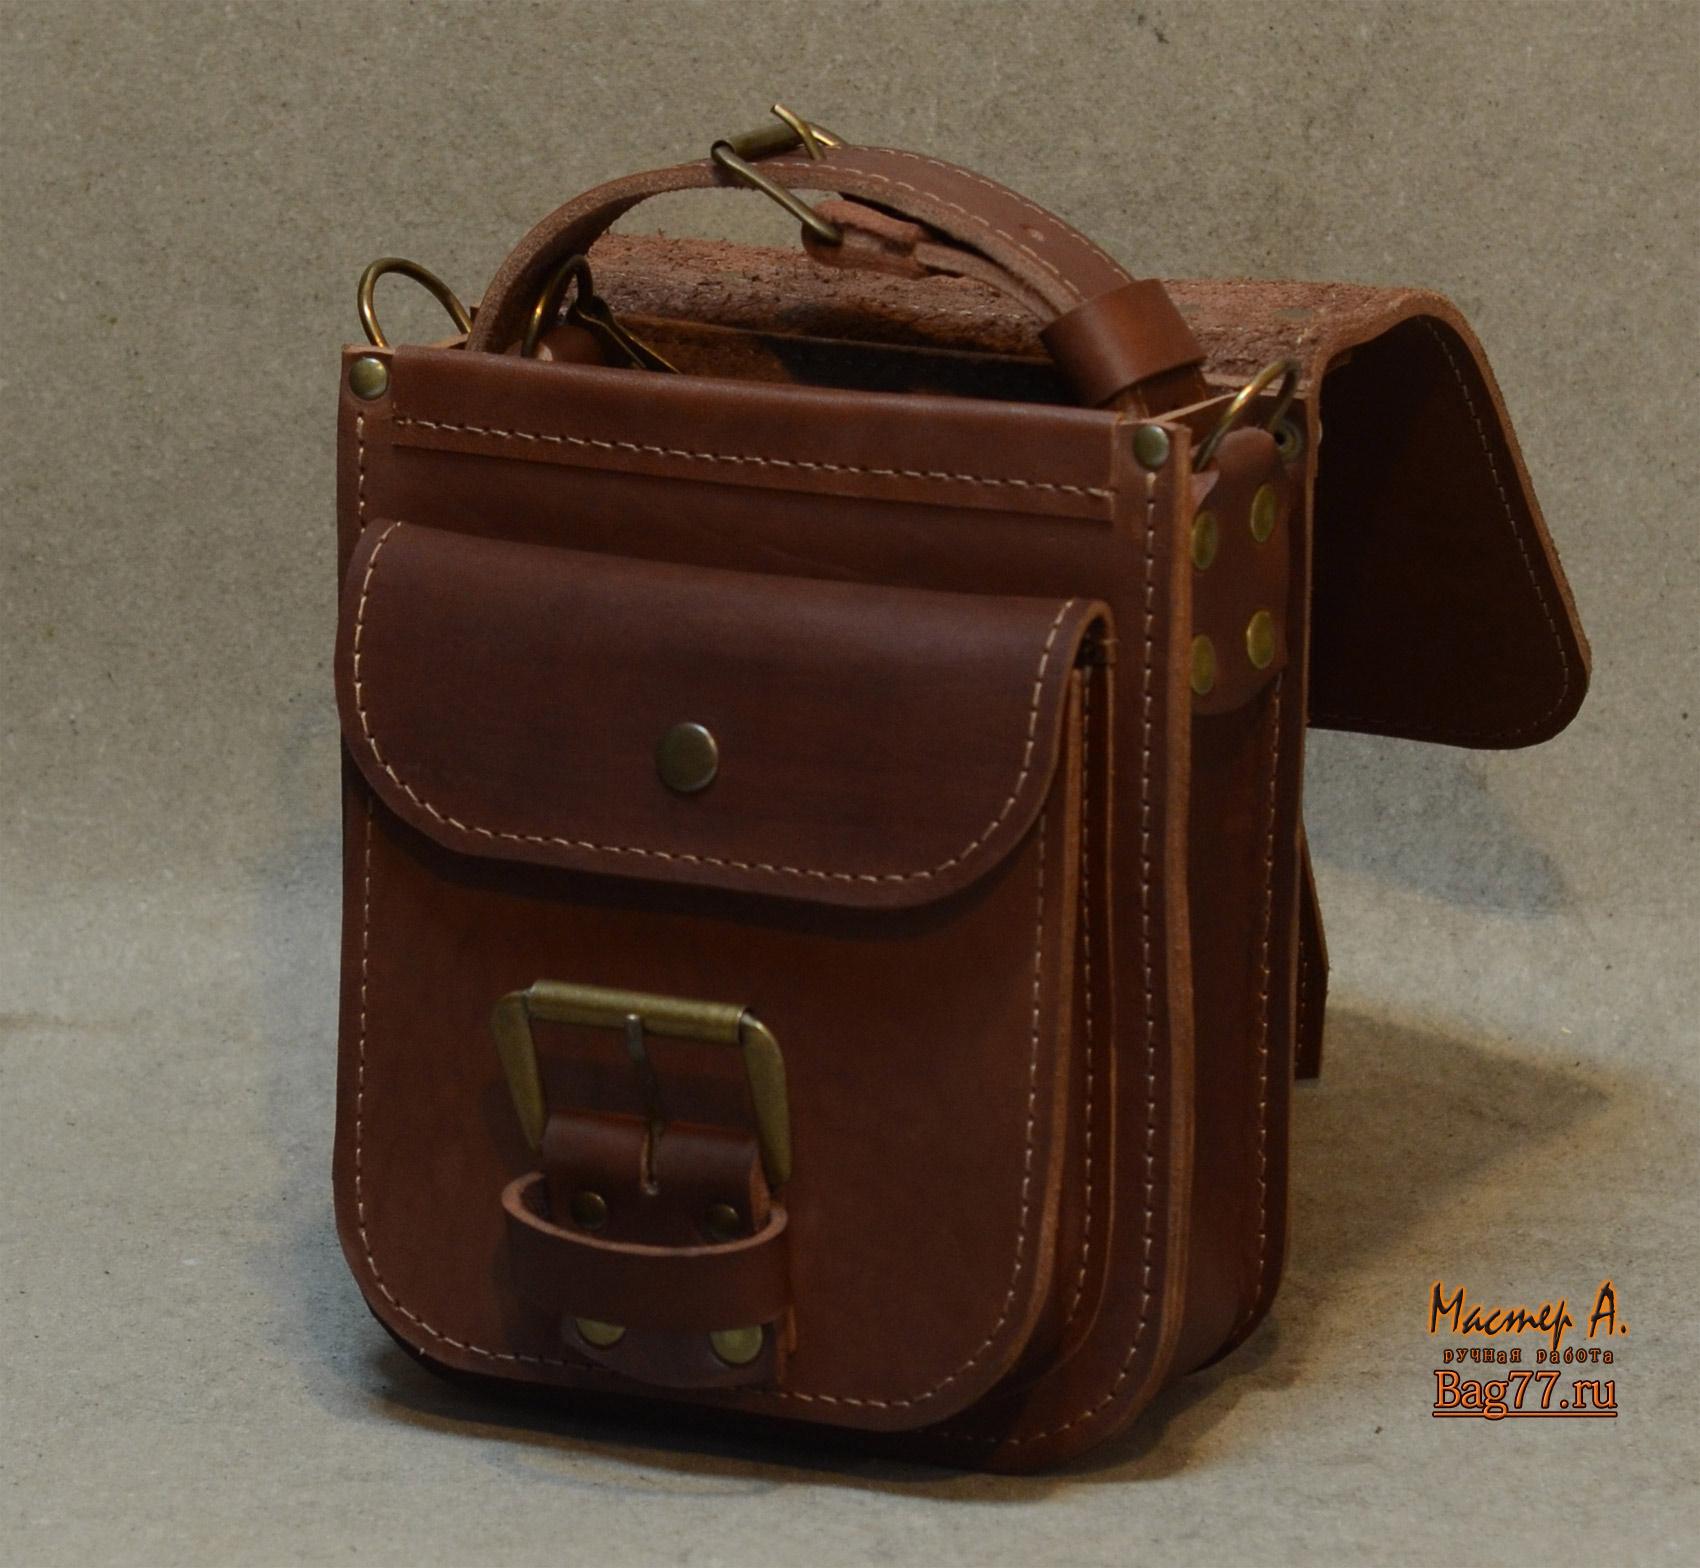 Мужские барсетки ручной работы из кожи « Bag77.ru — кожаные сумки и ... fa34eba522598